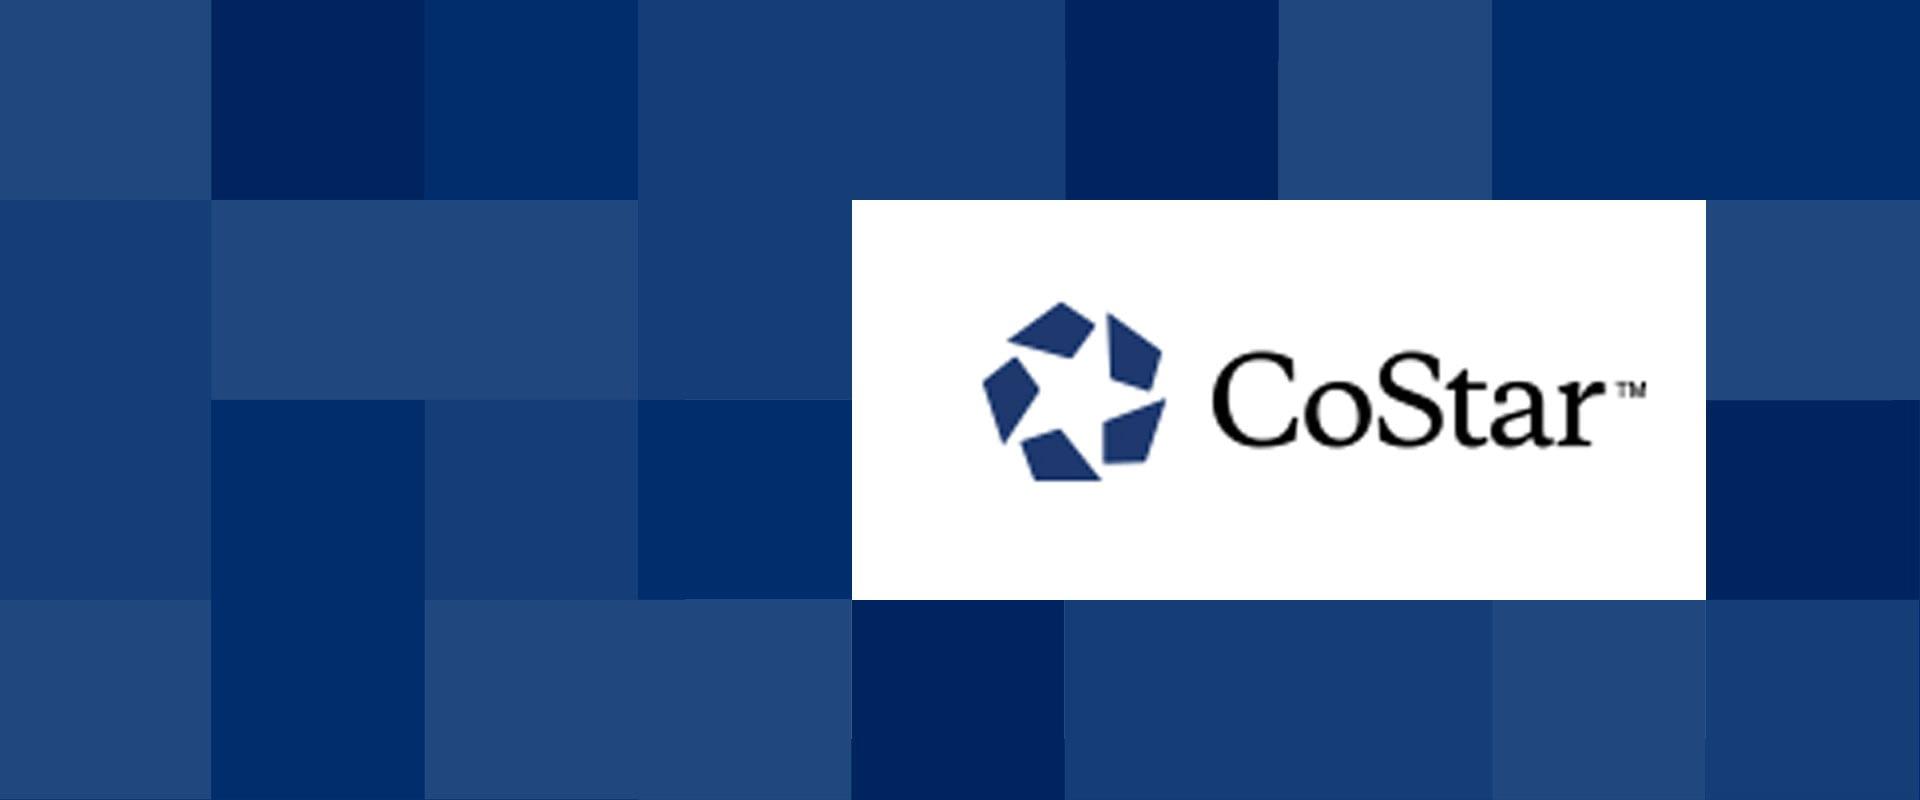 CoStar News Banner